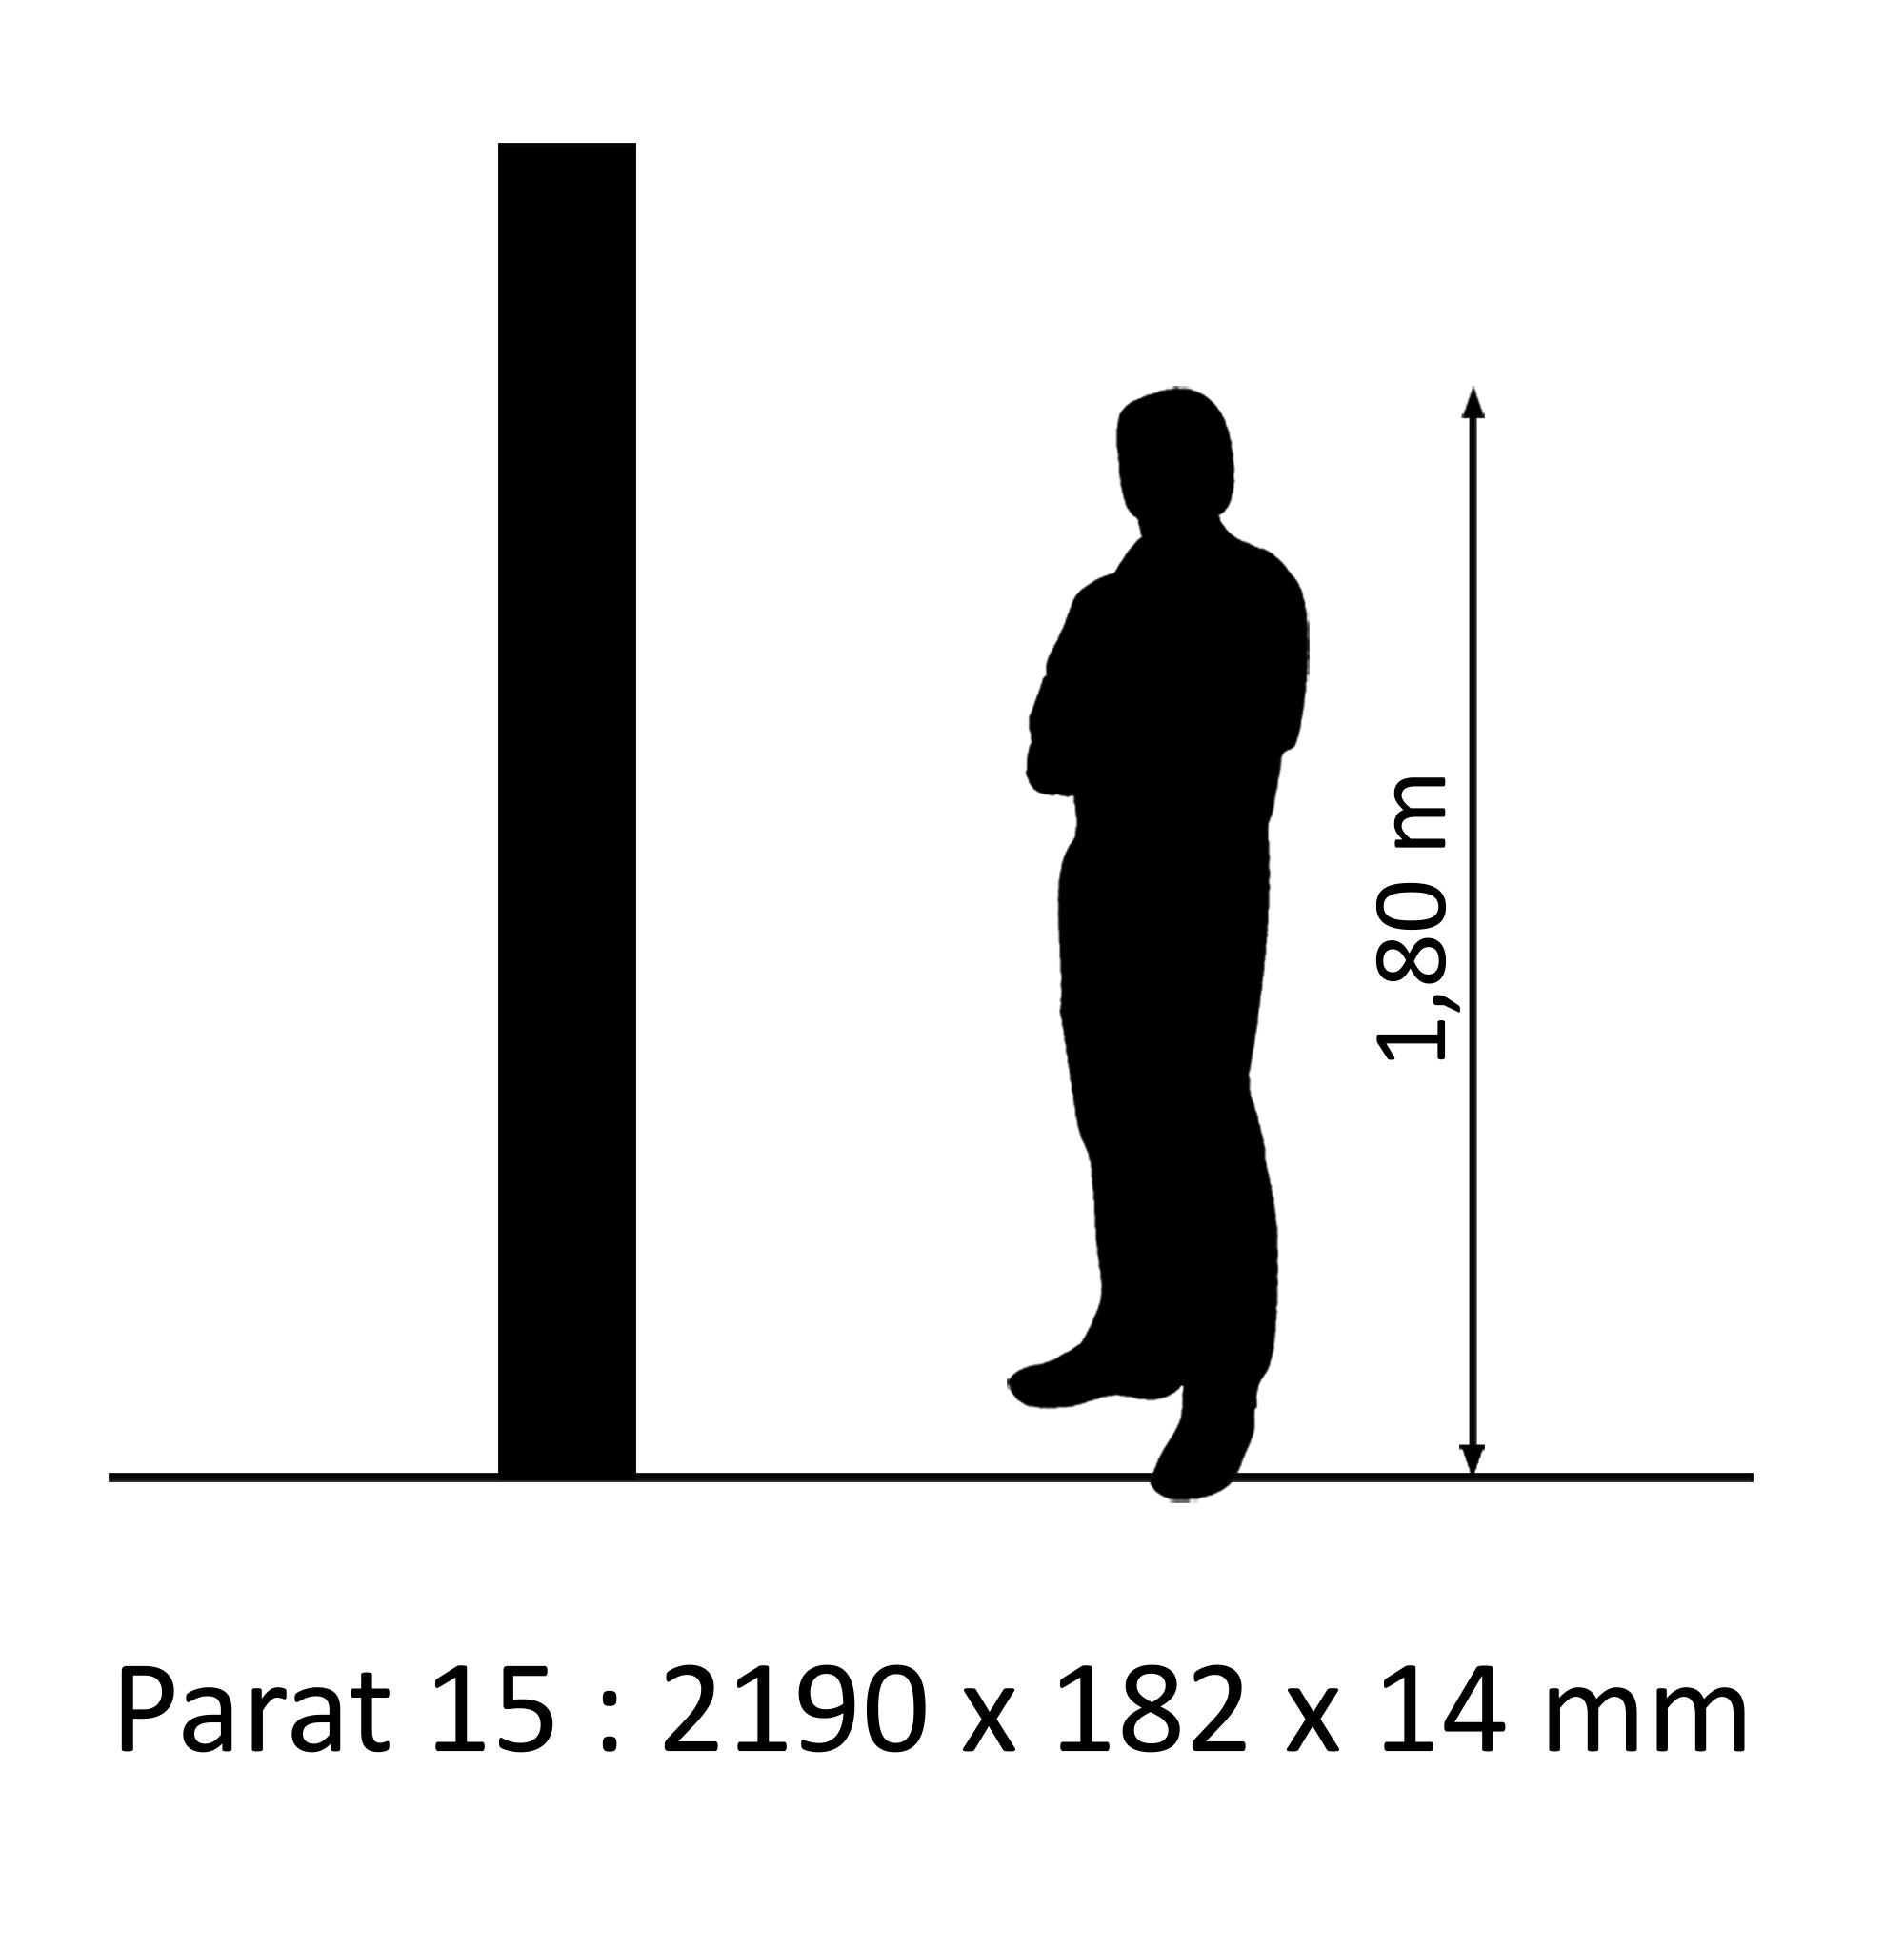 PARAT 15 Eiche Trend SB Mattlack14mm